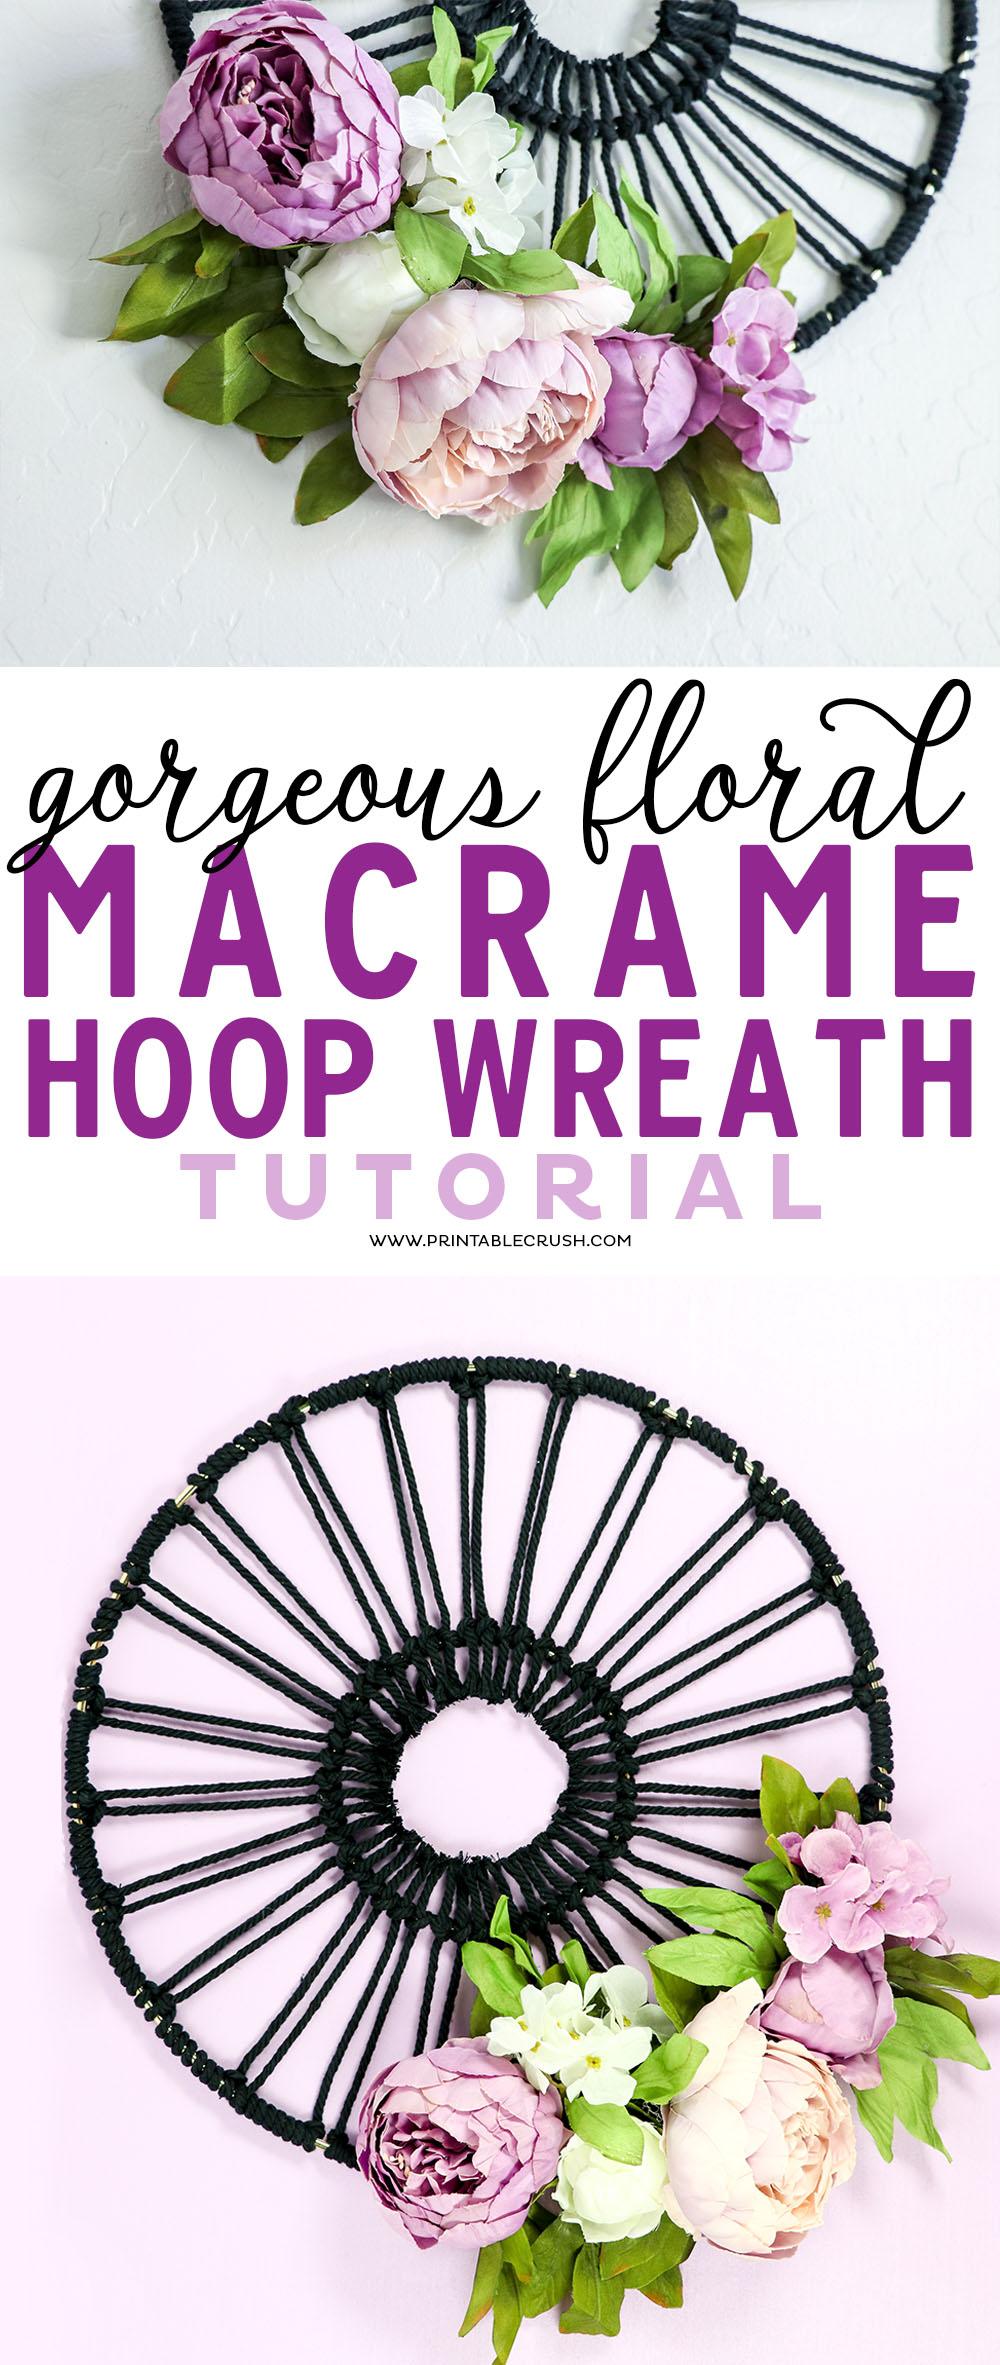 Gorgeous Floral Macrame Hoop Wreath Tutorial